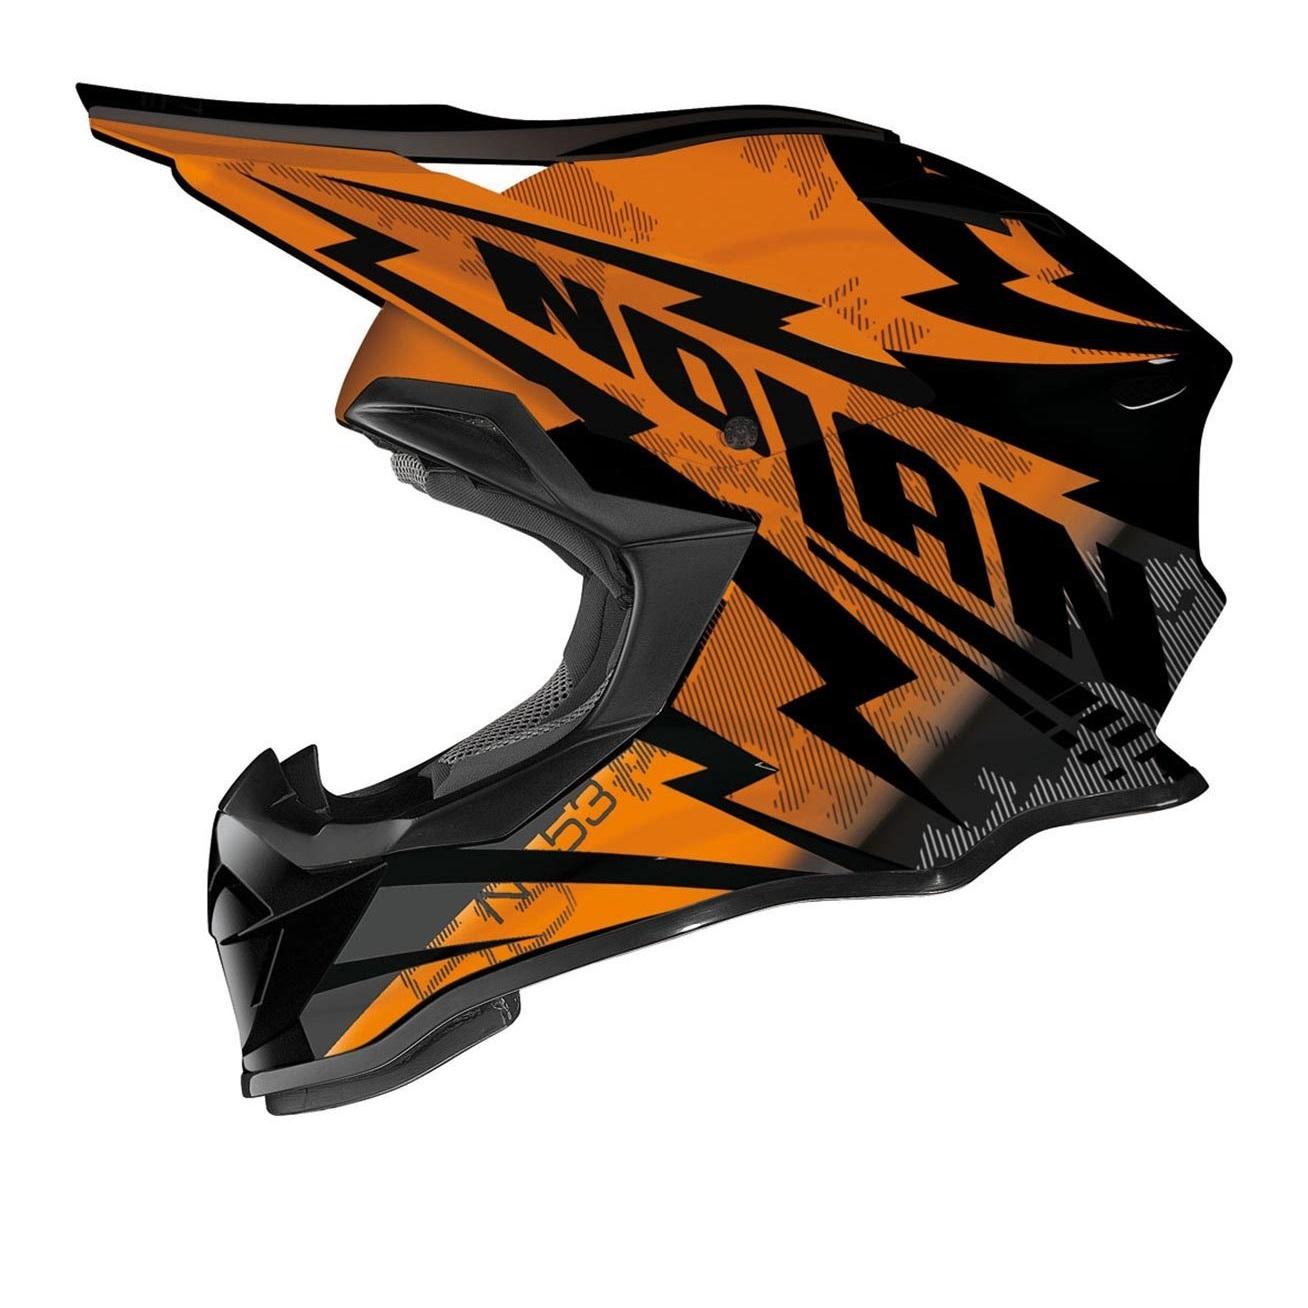 Nolan-N53-Comp-Cross-Helmet-0017